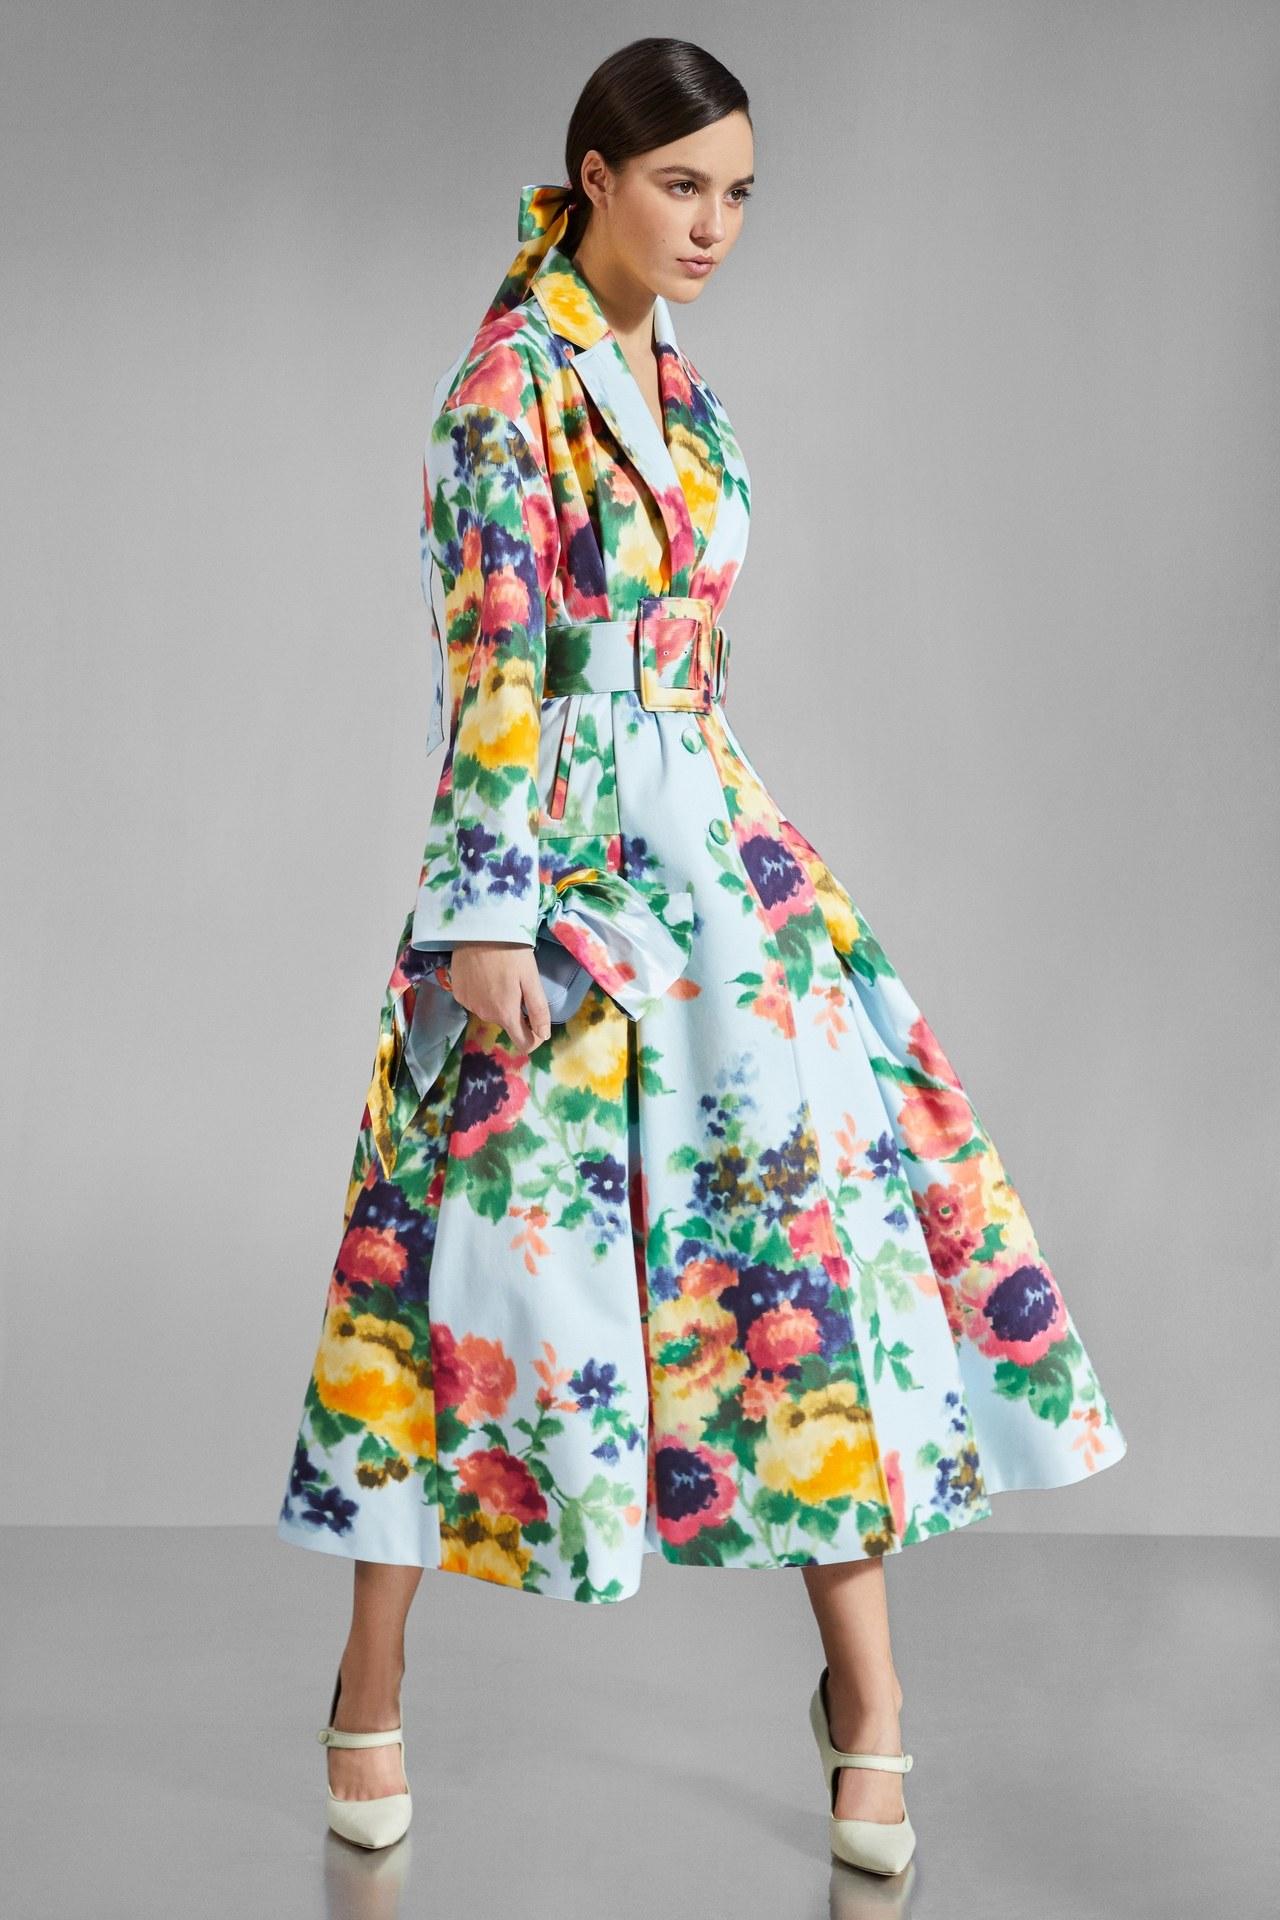 Vestido Abrigo Estampado Carolina-Herrera-Pre-Fall-2020